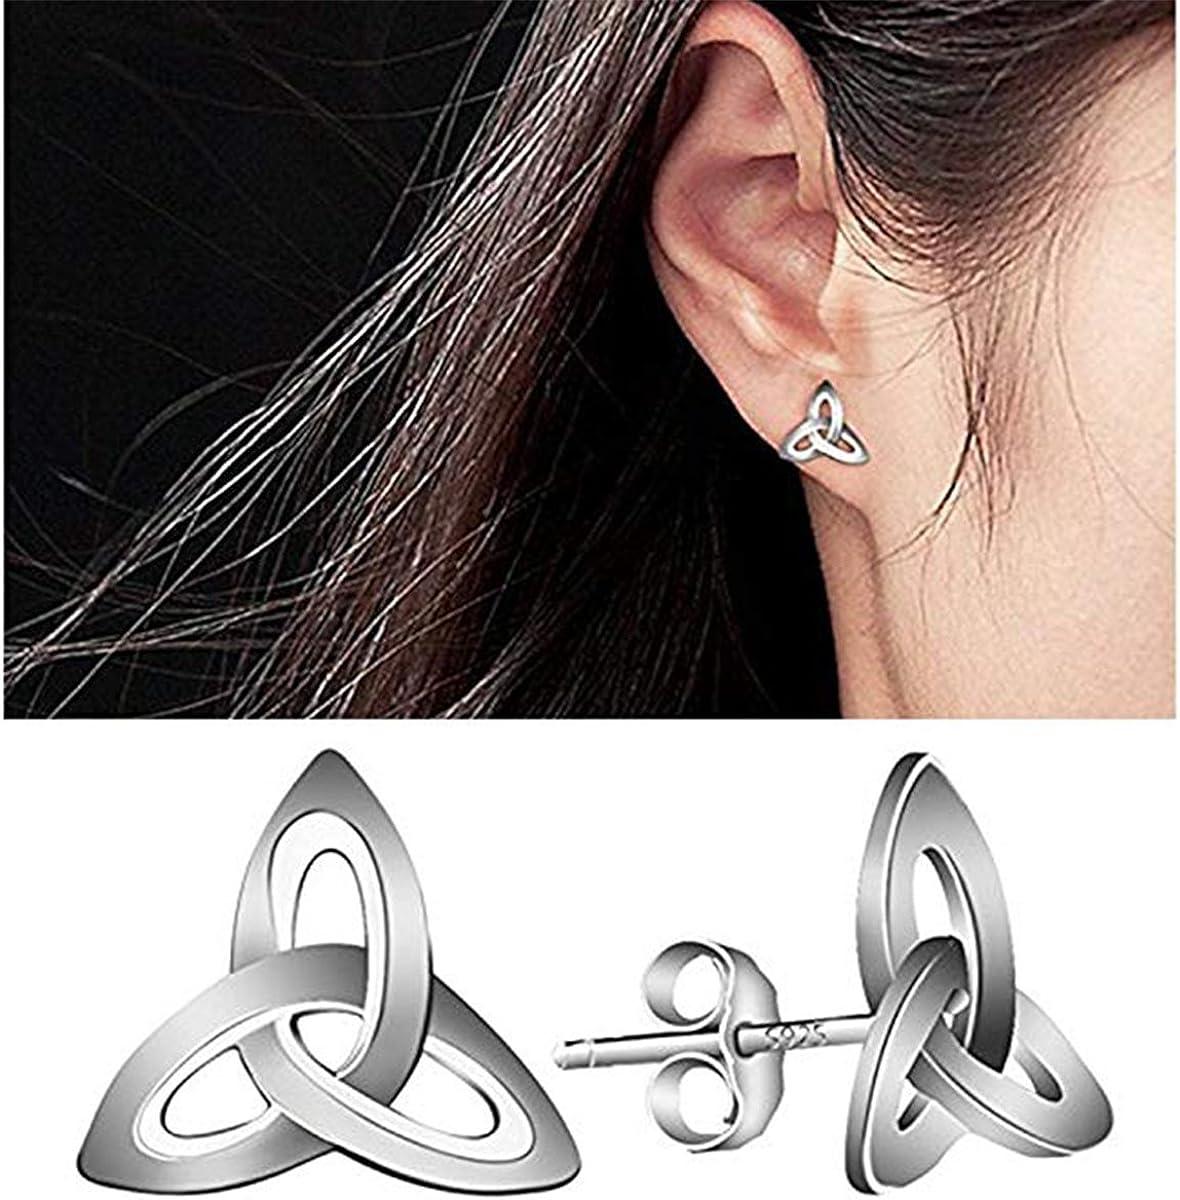 Celtic Earrings Sterling Silver Hypoallergenic Knot Studs Trinity Triquetra Earrings Pierced Jewelry Gift for Women Girls